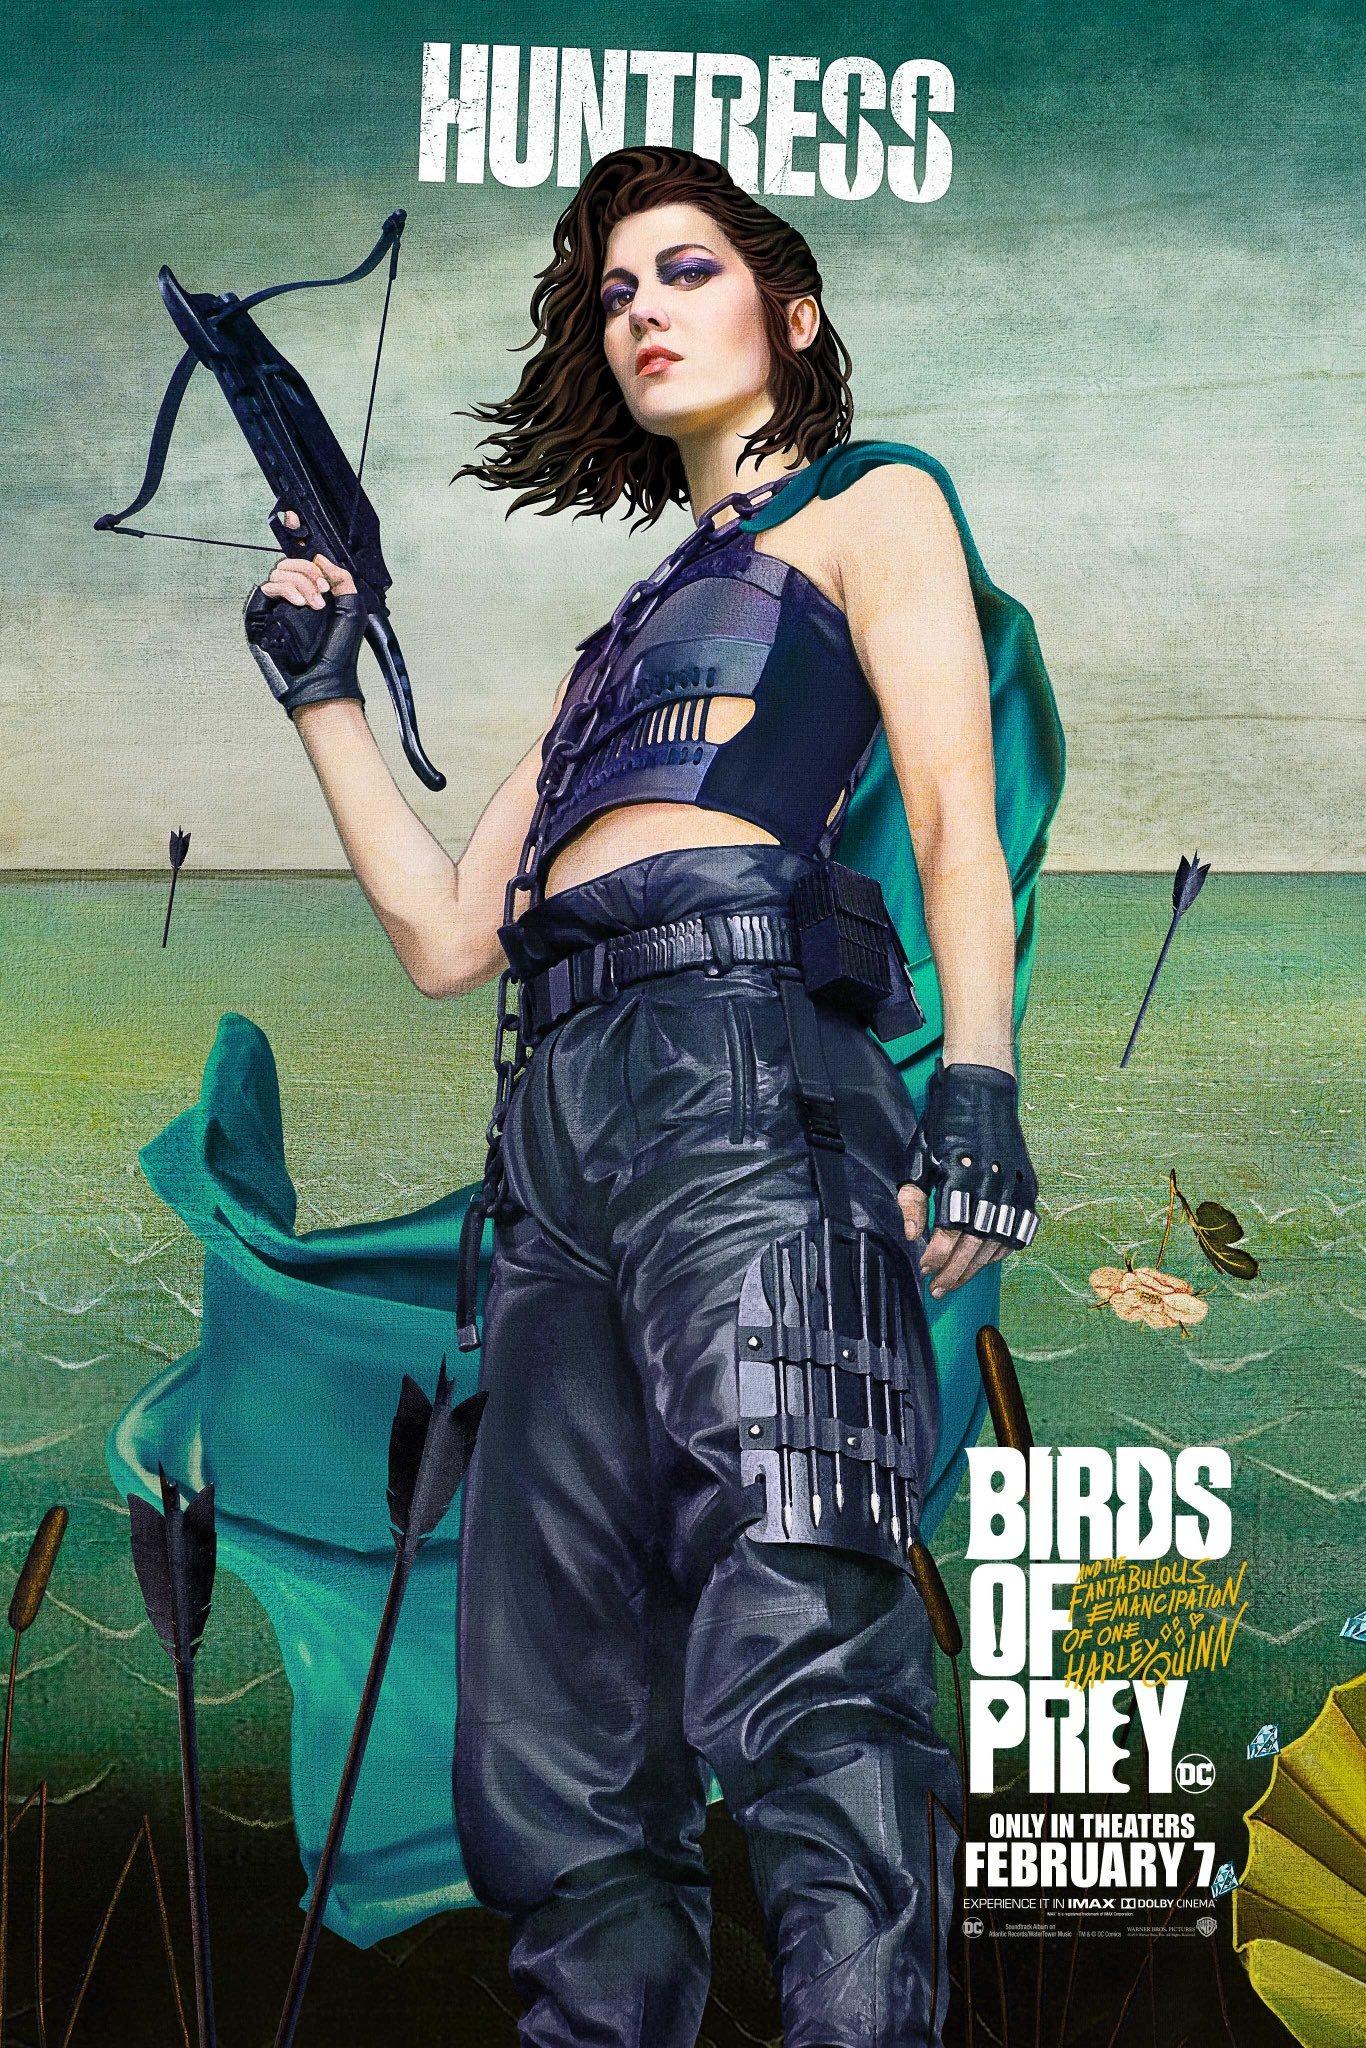 birds_of_prey_p10.png